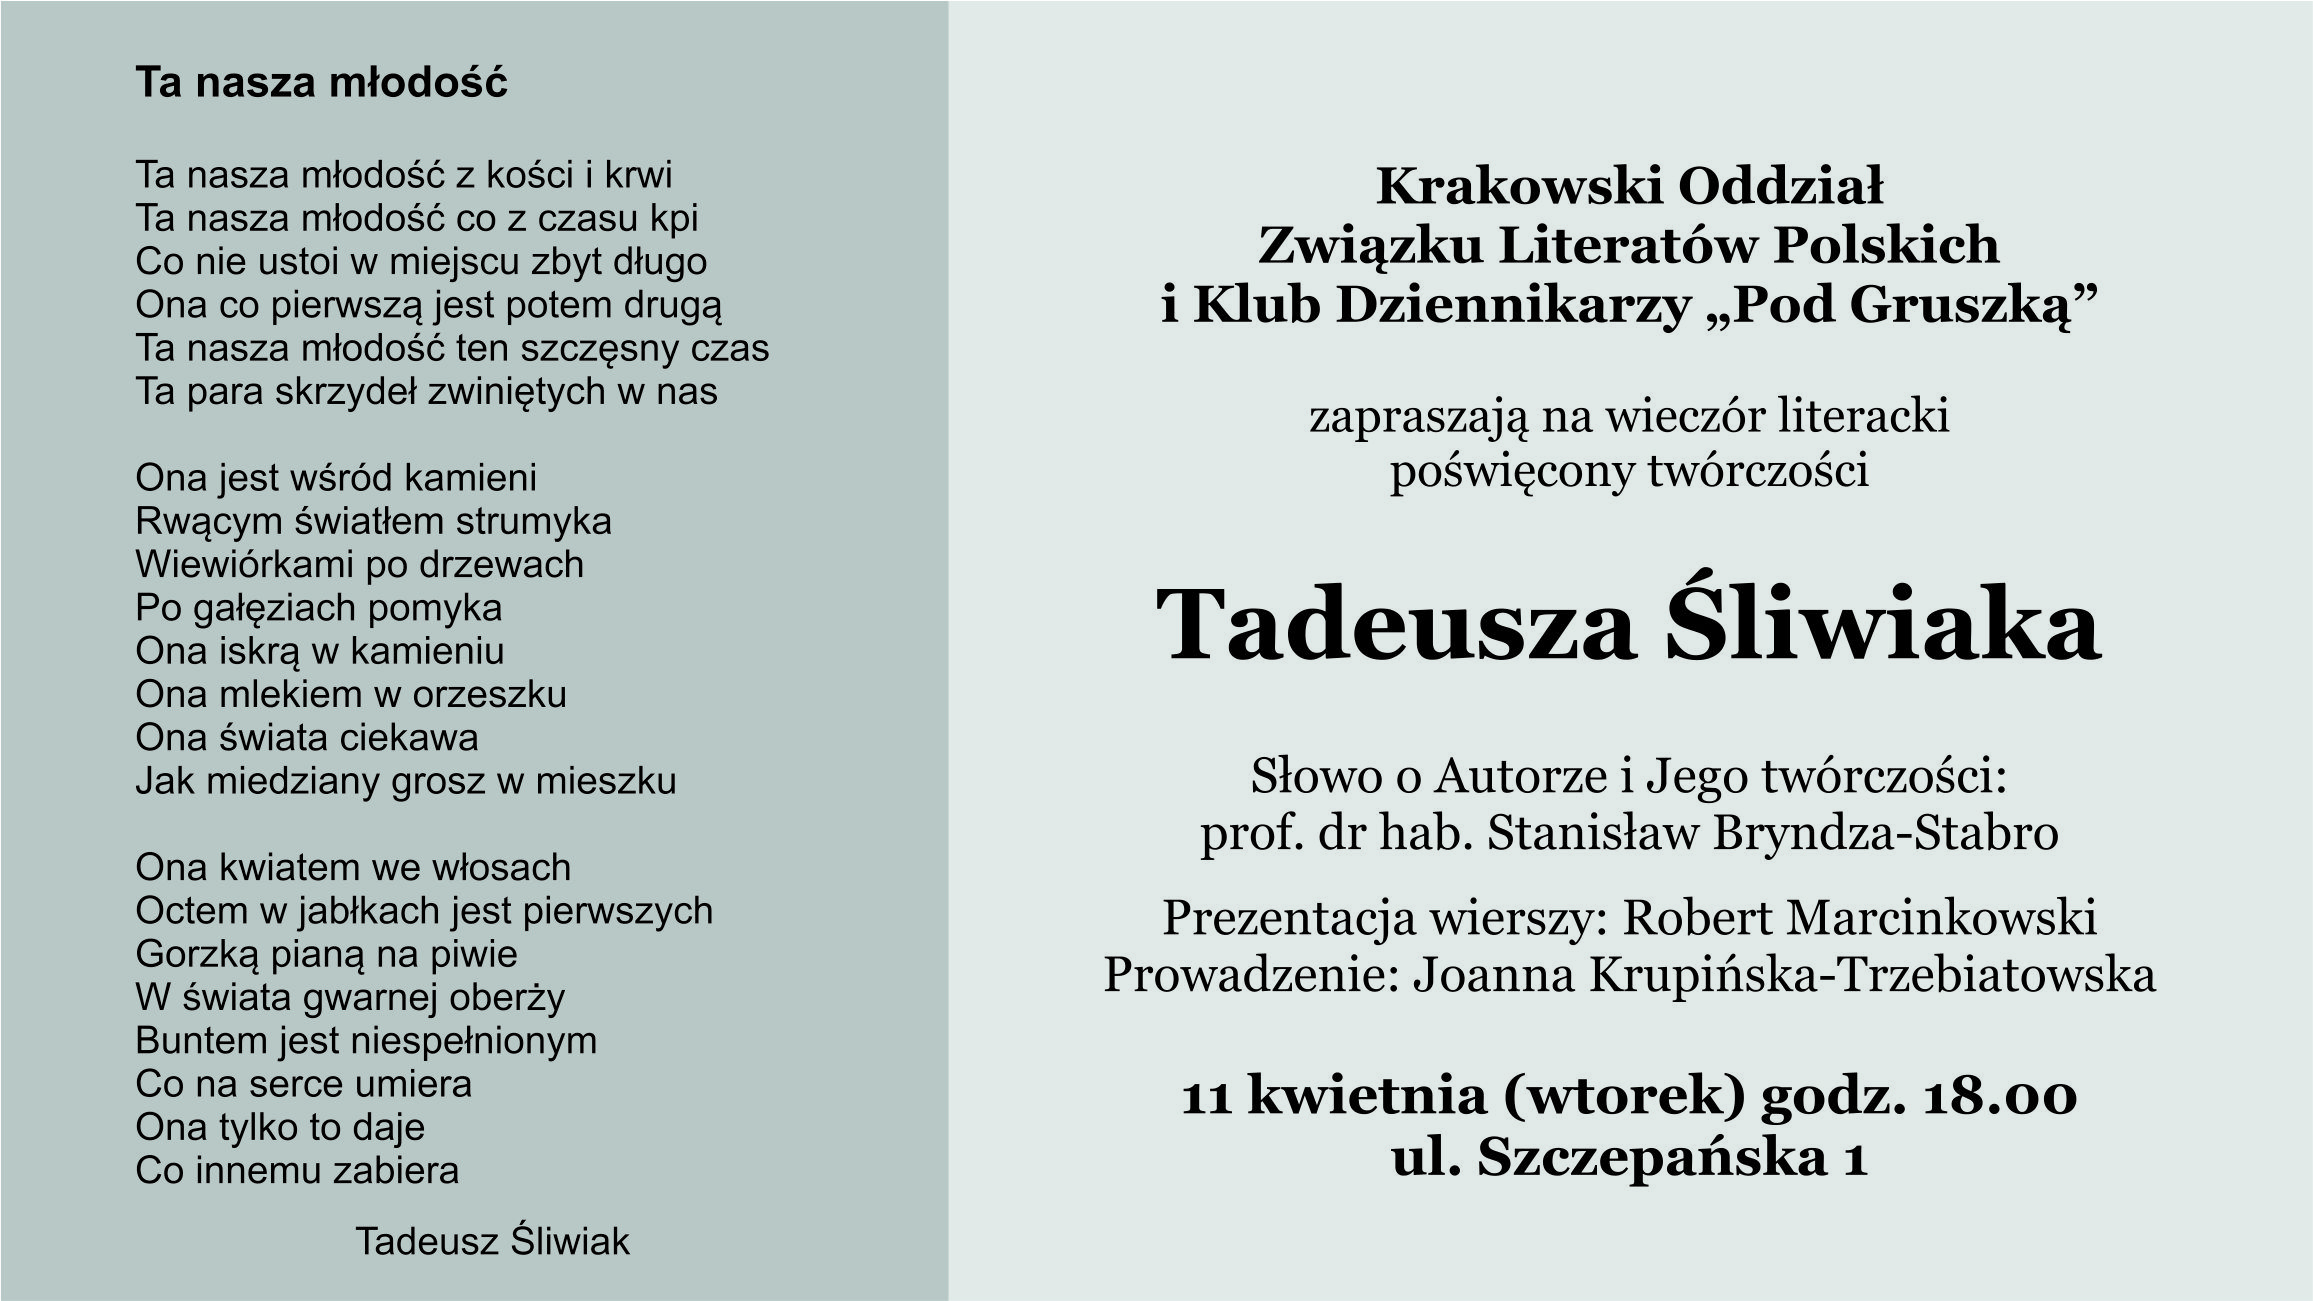 Wieczór Literacki Poświęcony Twórczości Tadeusza śliwiaka